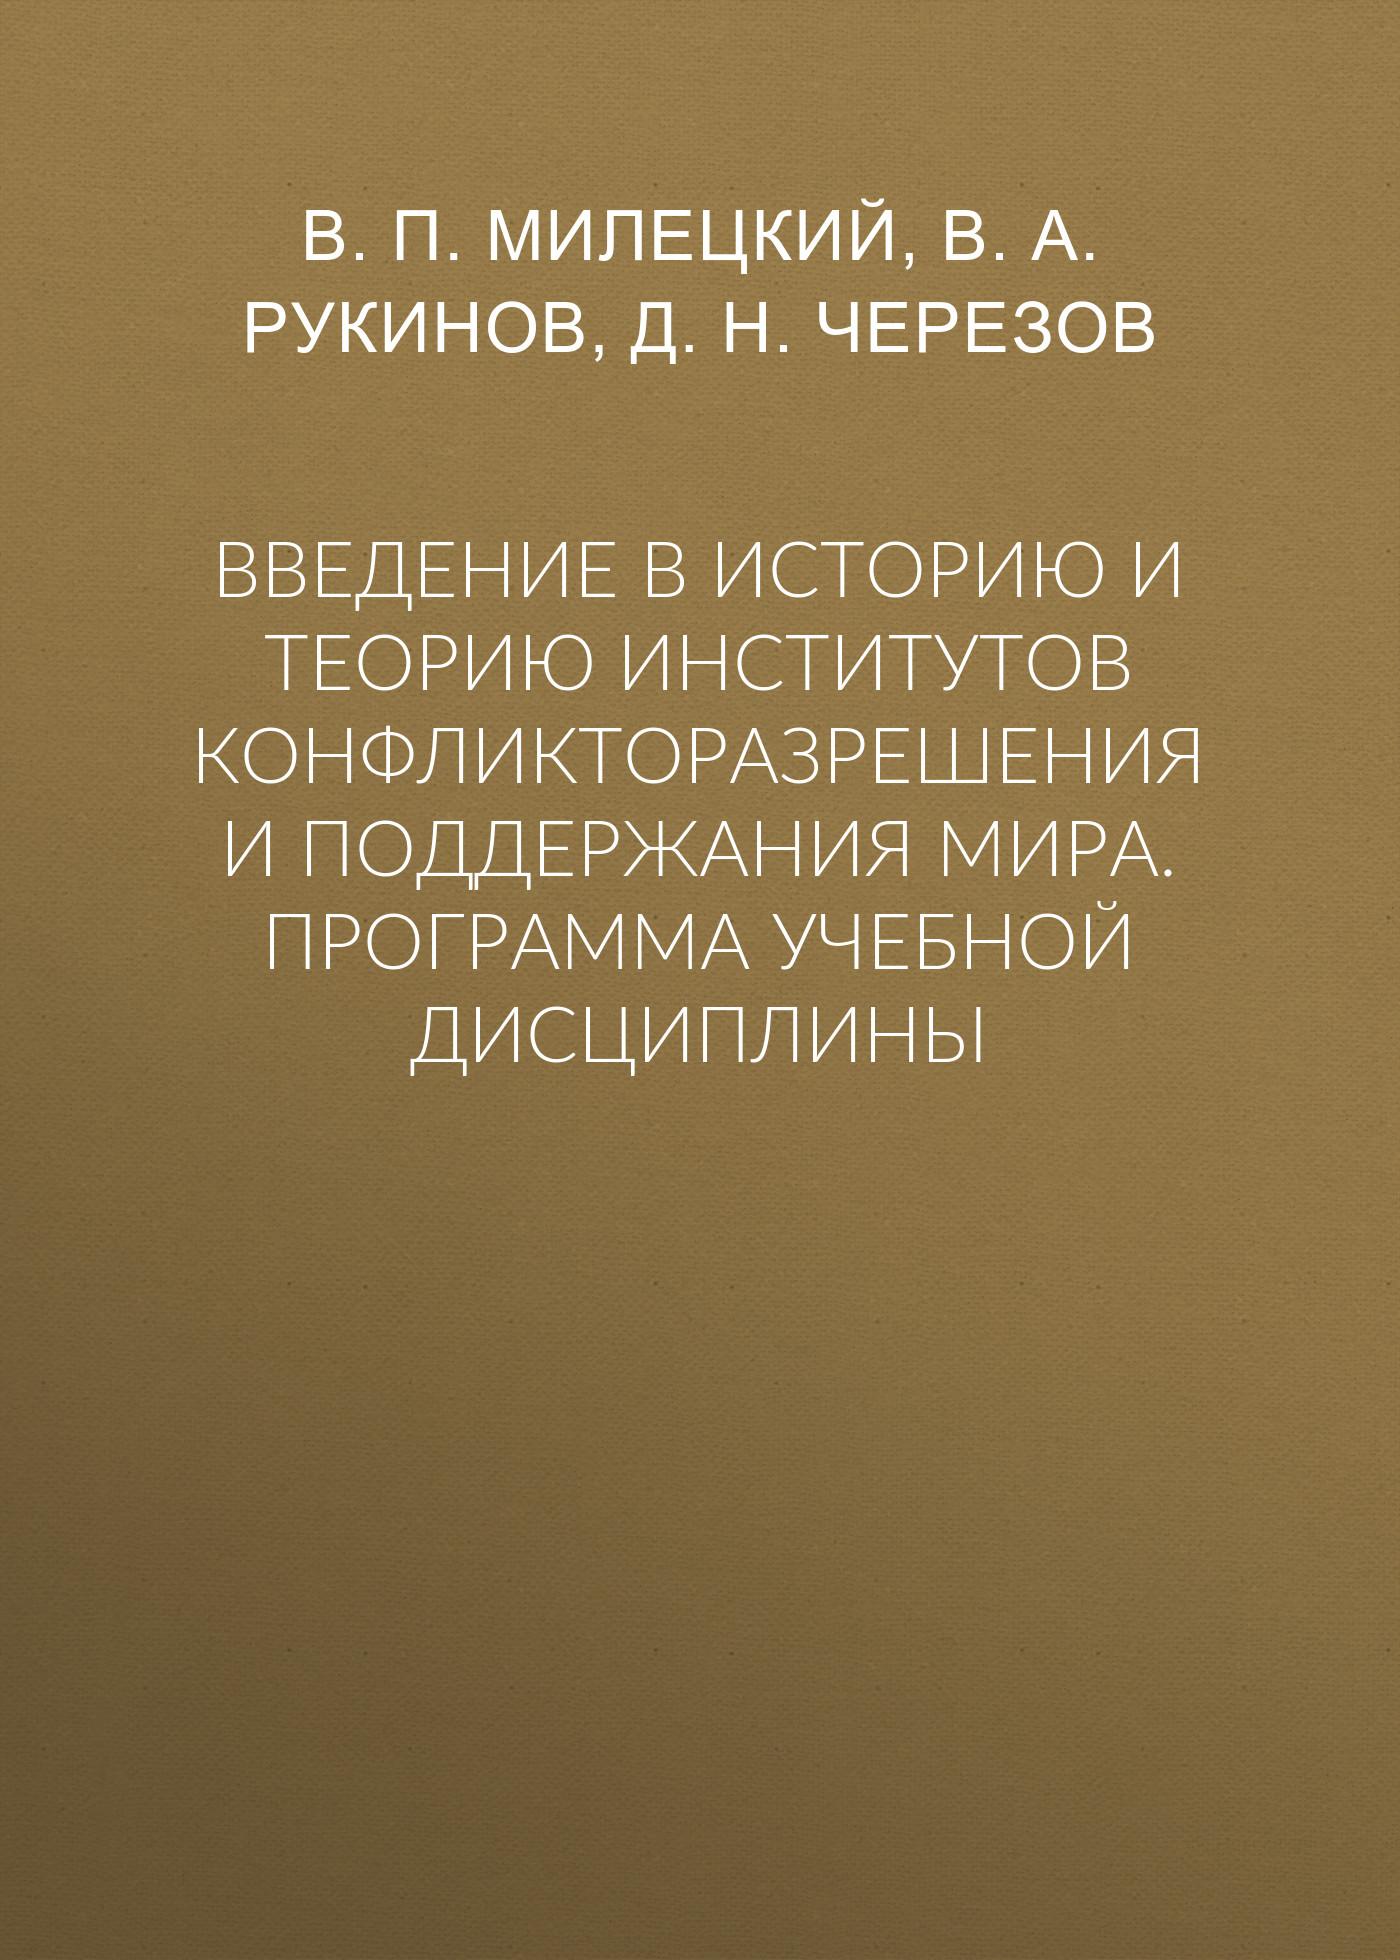 В. П. Милецкий Введение в историю и теорию институтов конфликторазрешения и поддержания мира. Программа учебной дисциплины